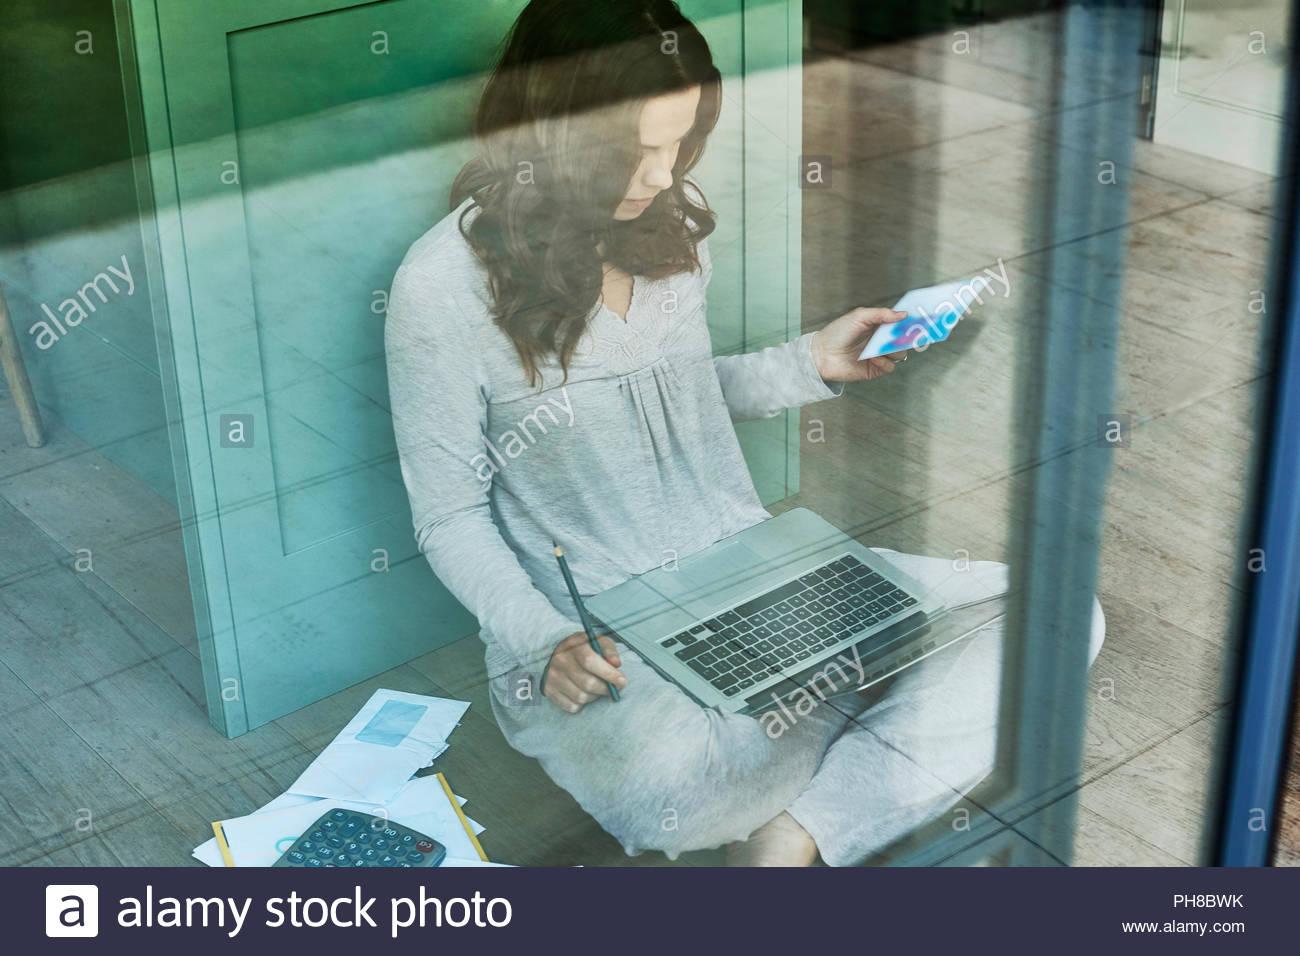 Metà donna adulta che lavora da casa. Immagini Stock